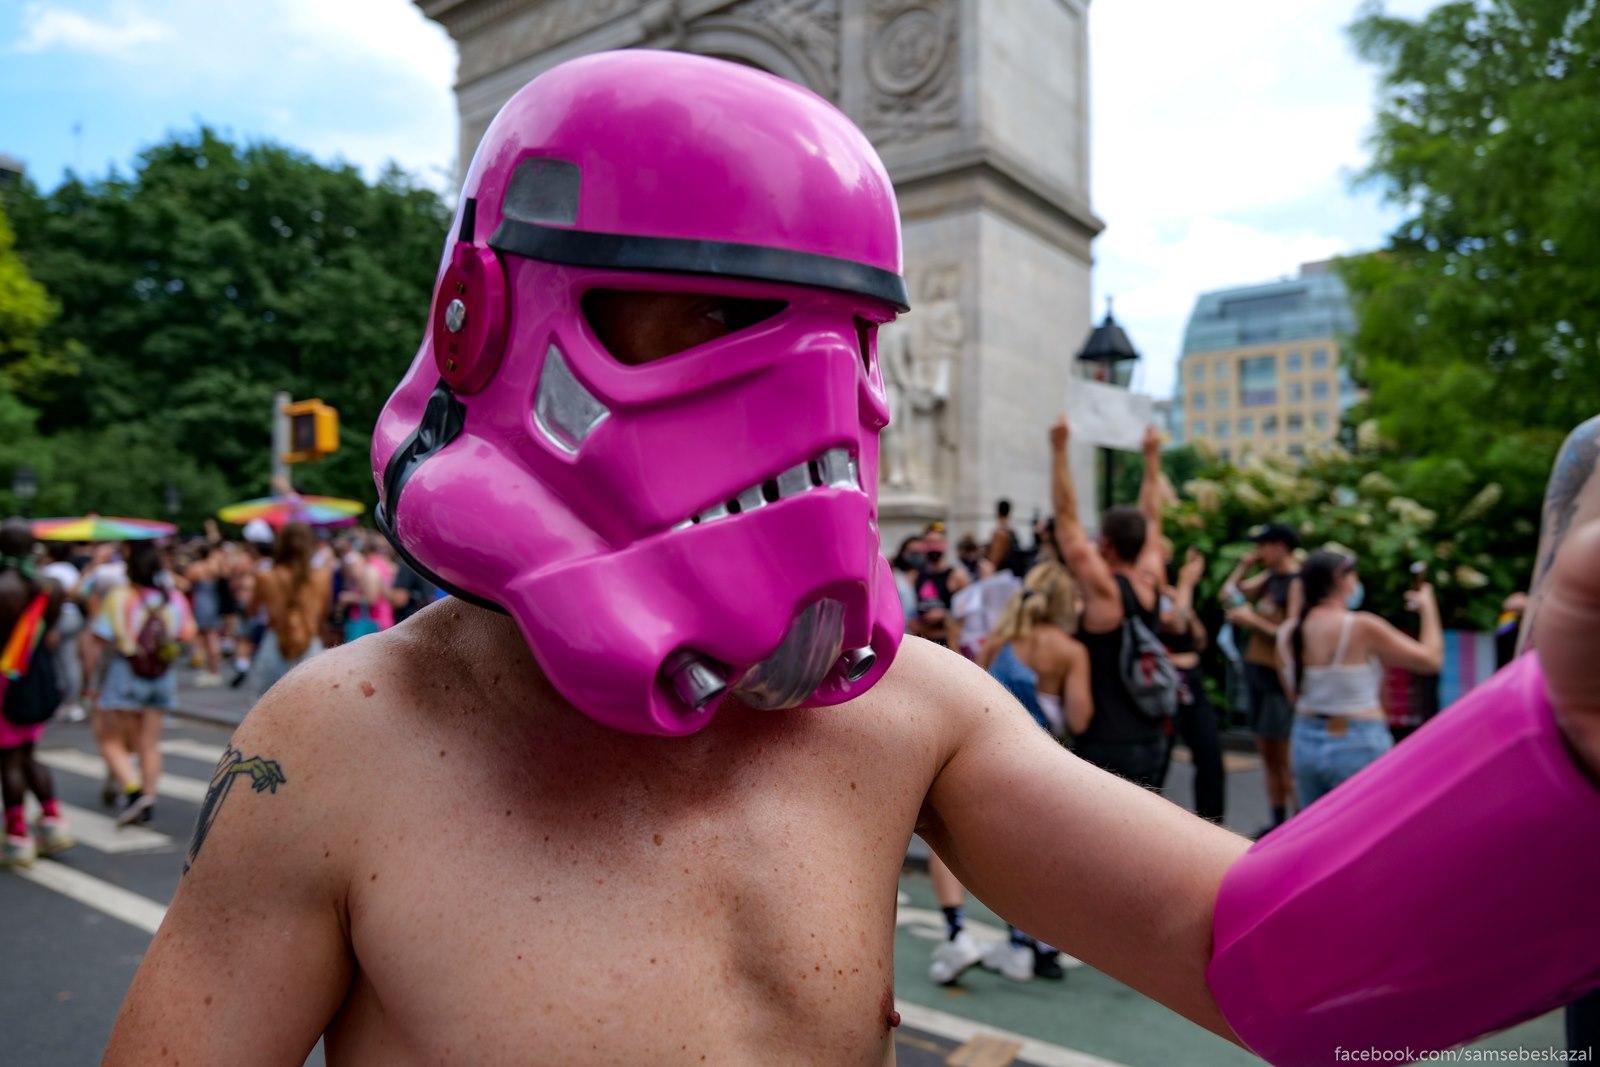 В этом году в Нью-Йорке был отменен ежегодный гей-парад, а вместо него в воскресенье прошел ...